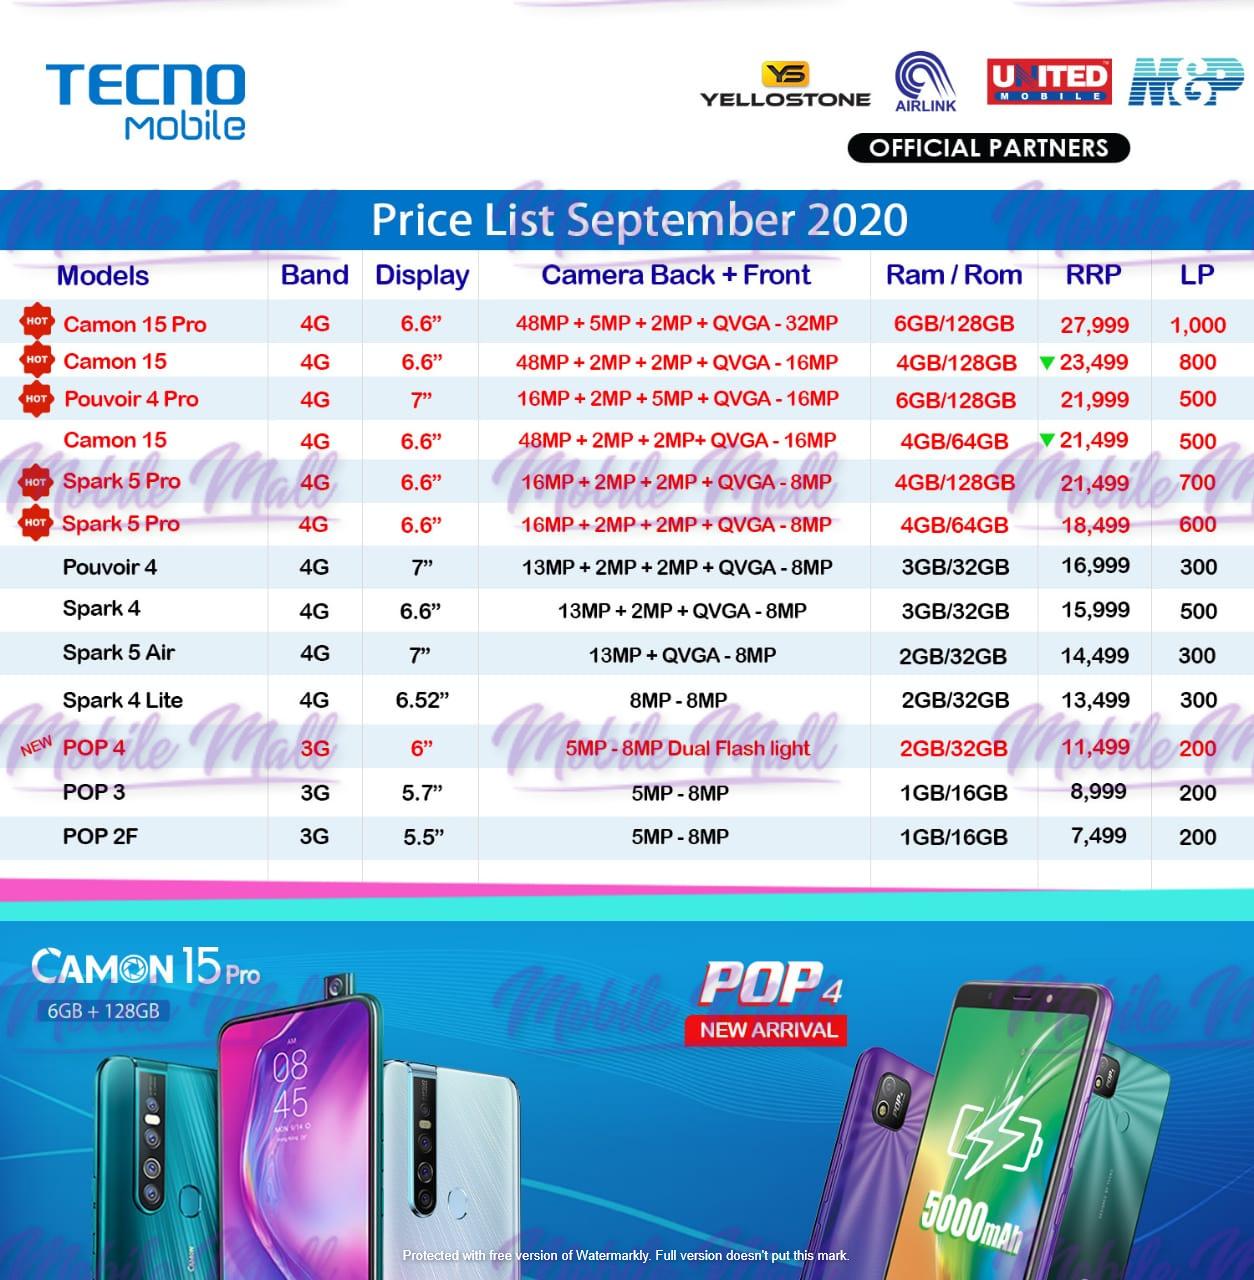 Tecno Dealer Price List - September 2020